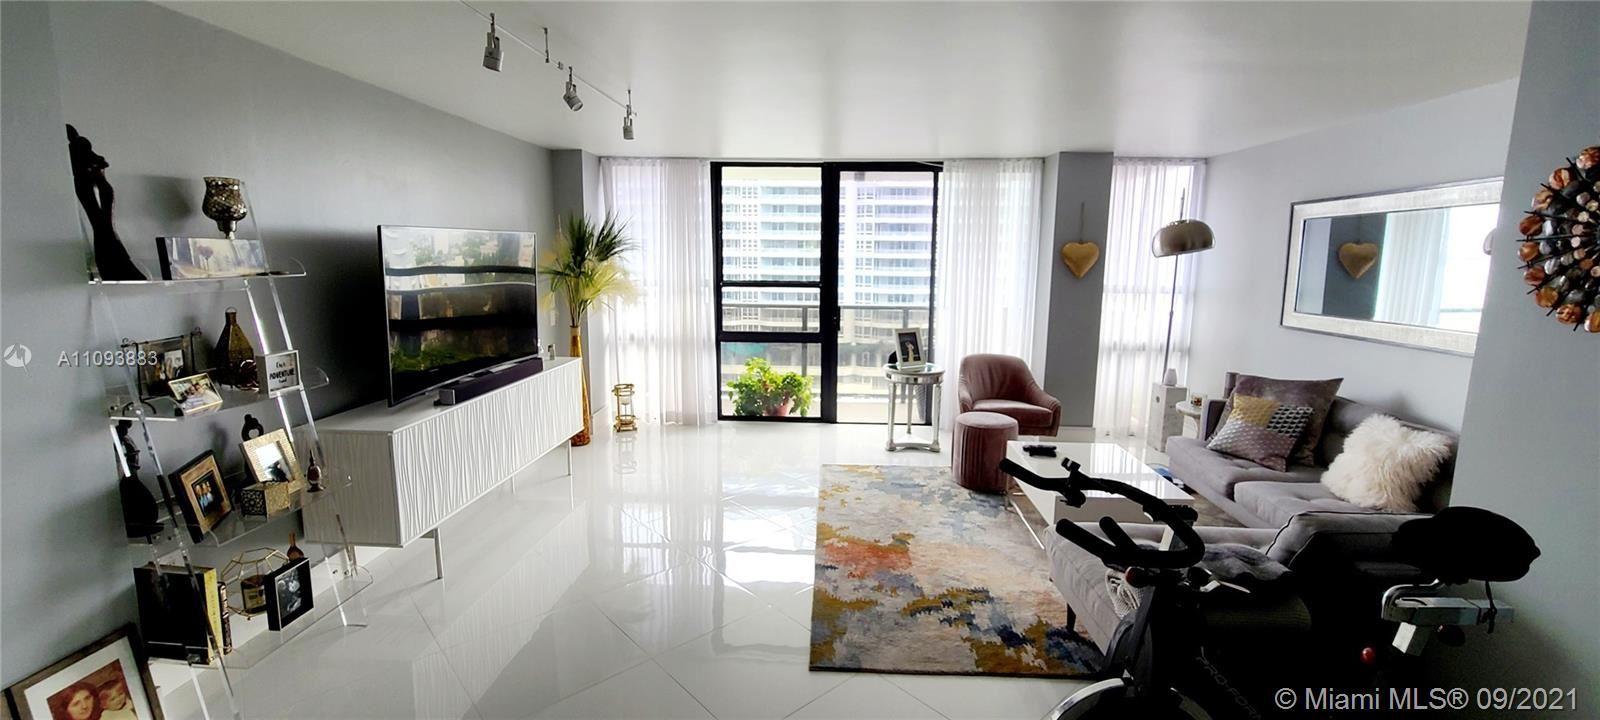 600 NE 36th St #1503, Miami, FL 33137 - #: A11093883